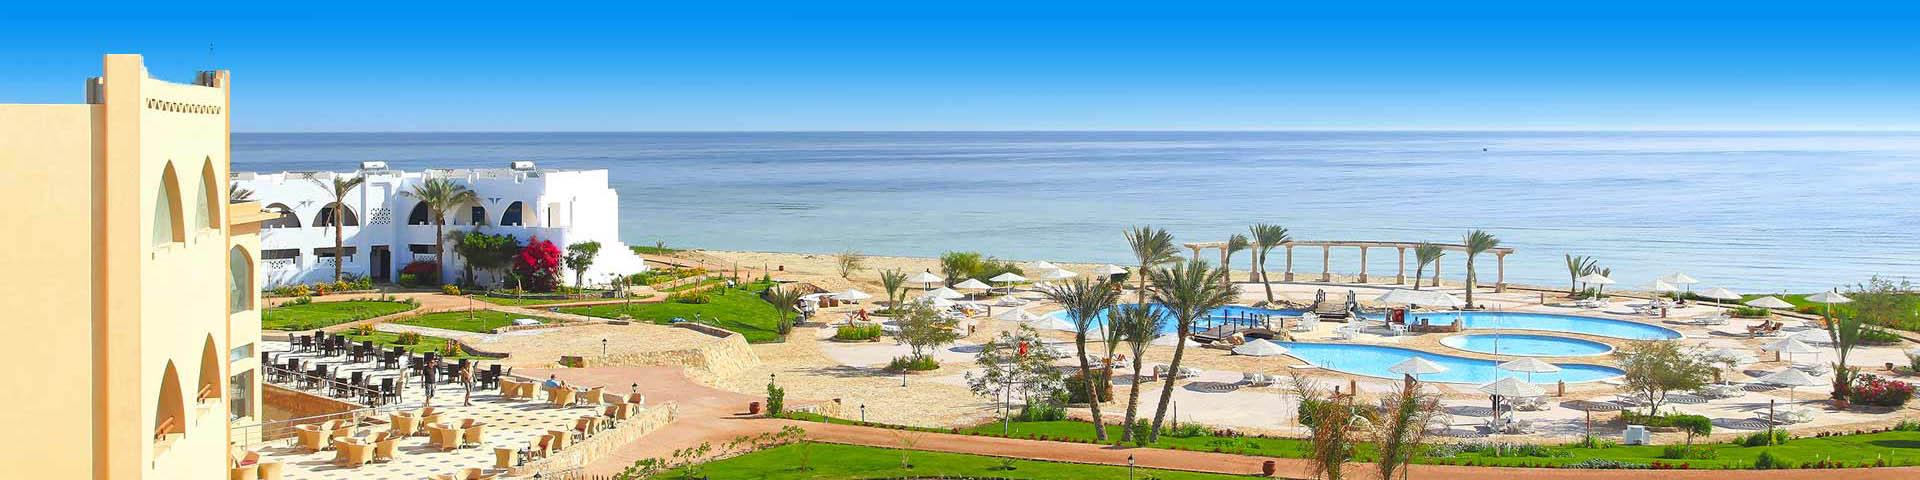 Foto van een The Three Corners hotel met zwembad en uitzicht op zee